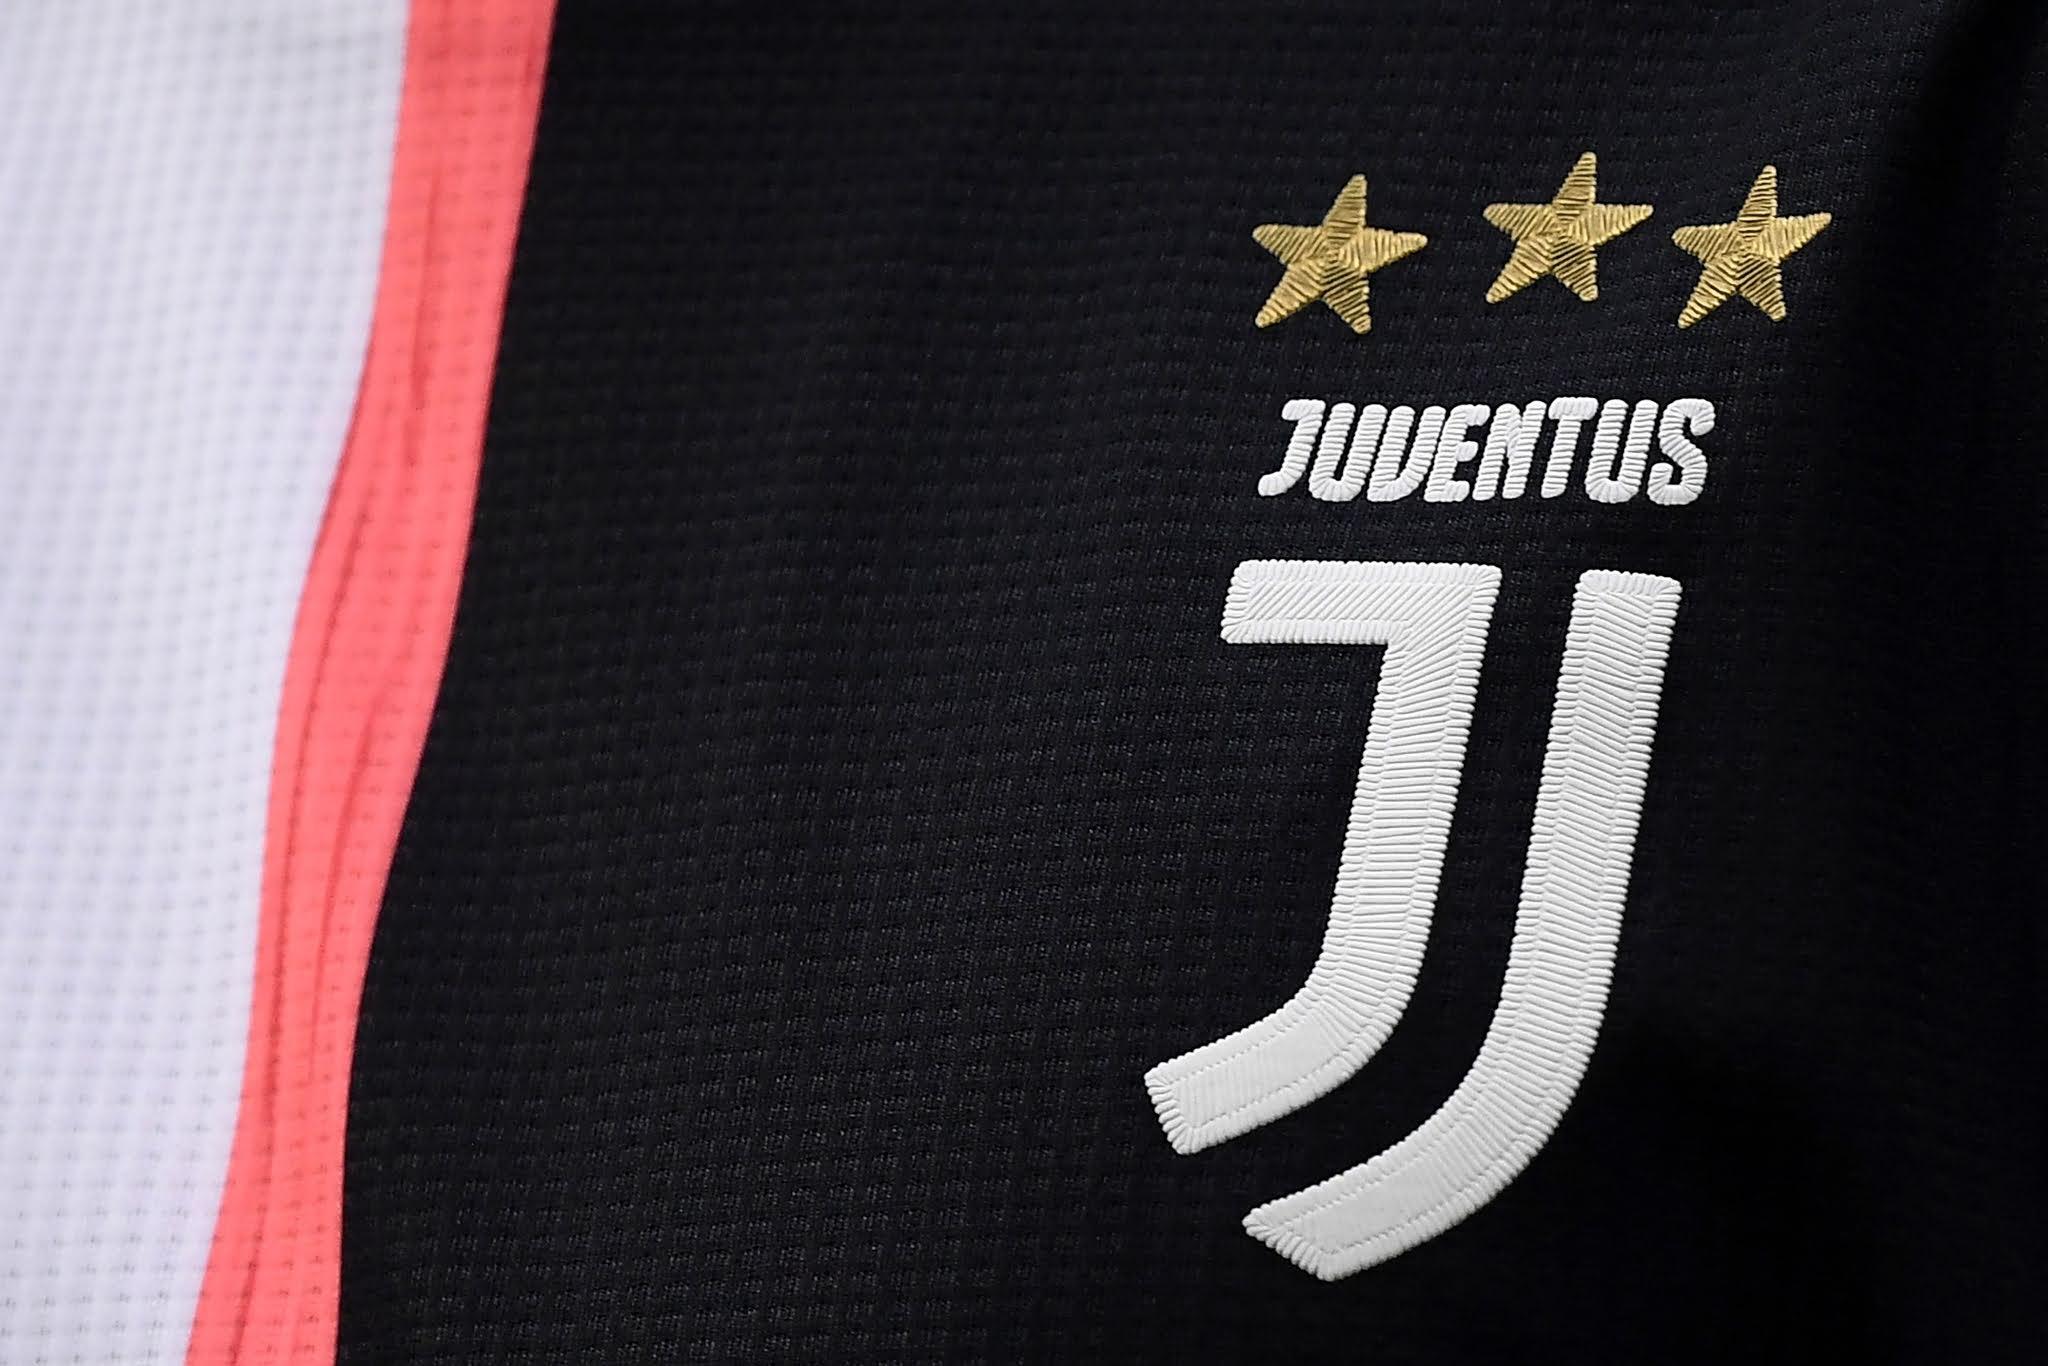 موعد مباراة يوفنتوس ضد سبيزيا كالتشيو والقنوات الناقلة في الجولة السادسة من الدوري الإيطالي